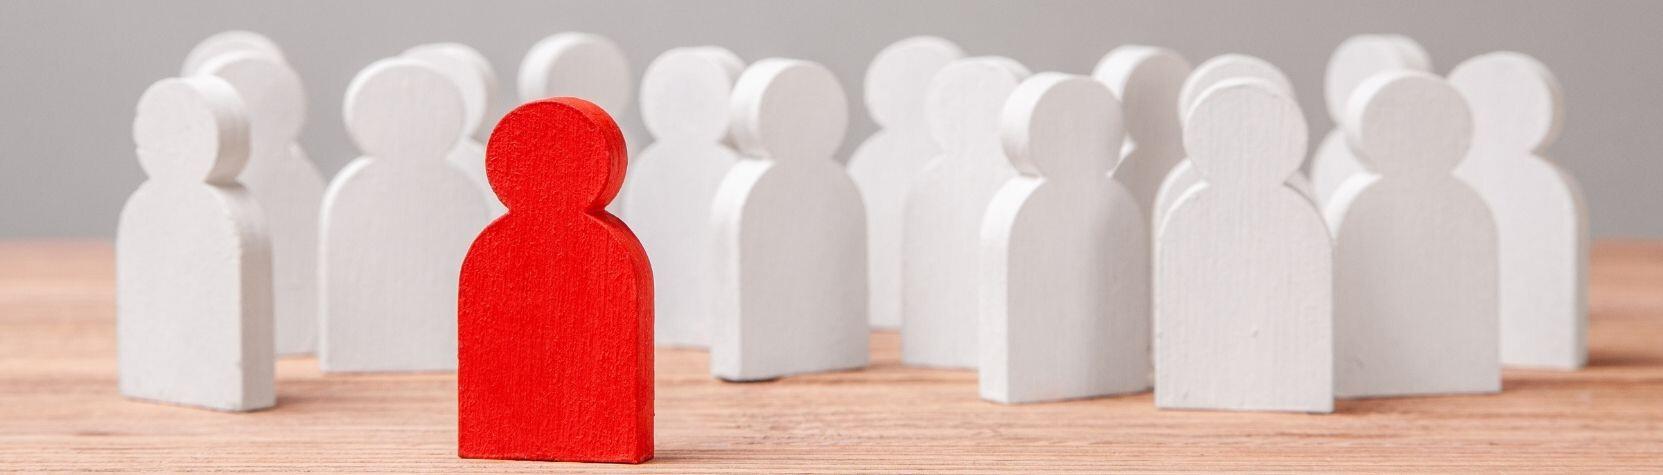 Vds training consultants blog 7 valkuilen voor een teamleider